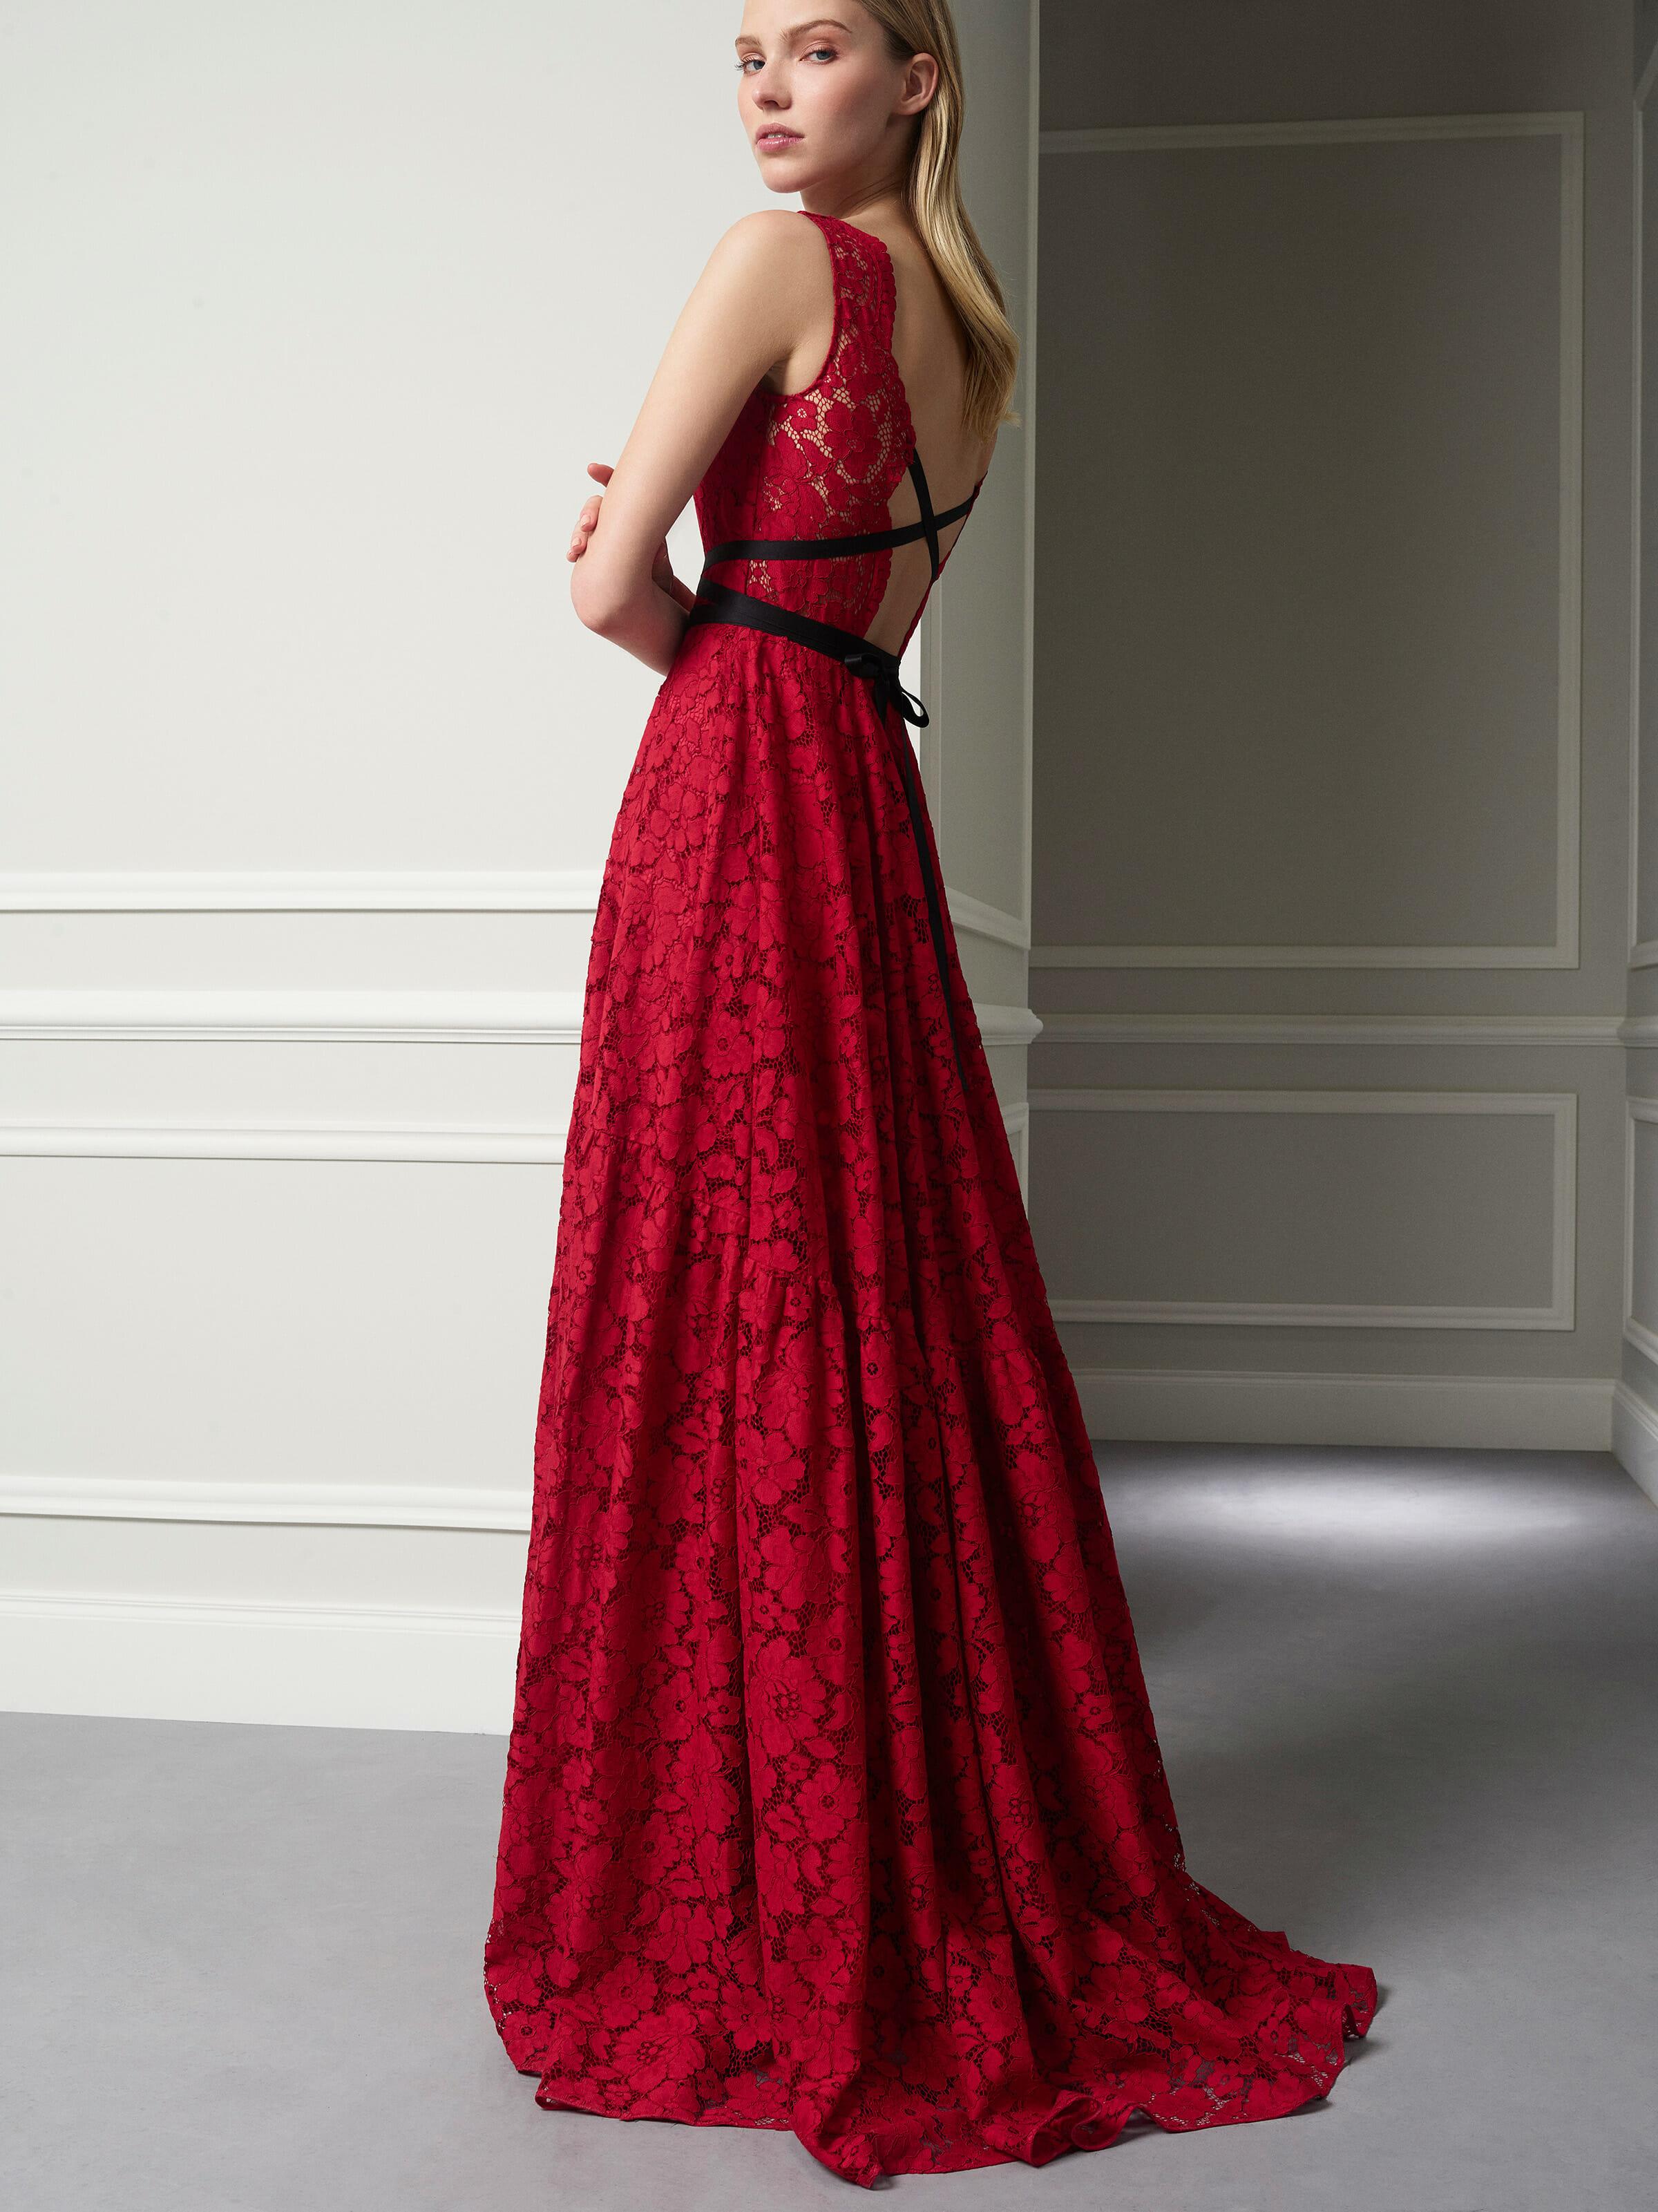 Carolina Herrera Dresses